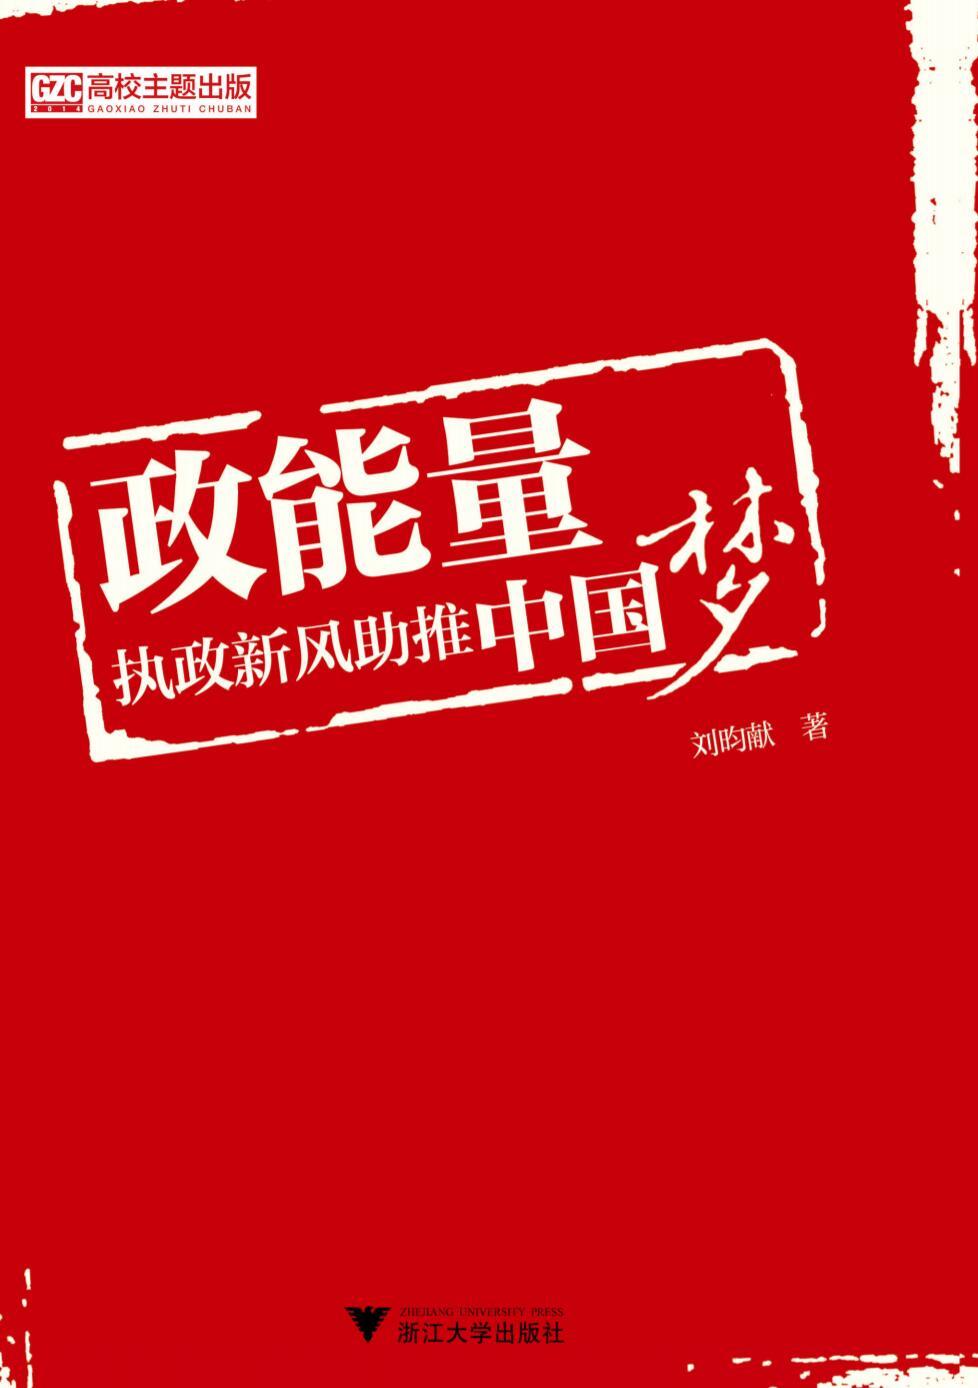 政能量——执政新风助推中国梦